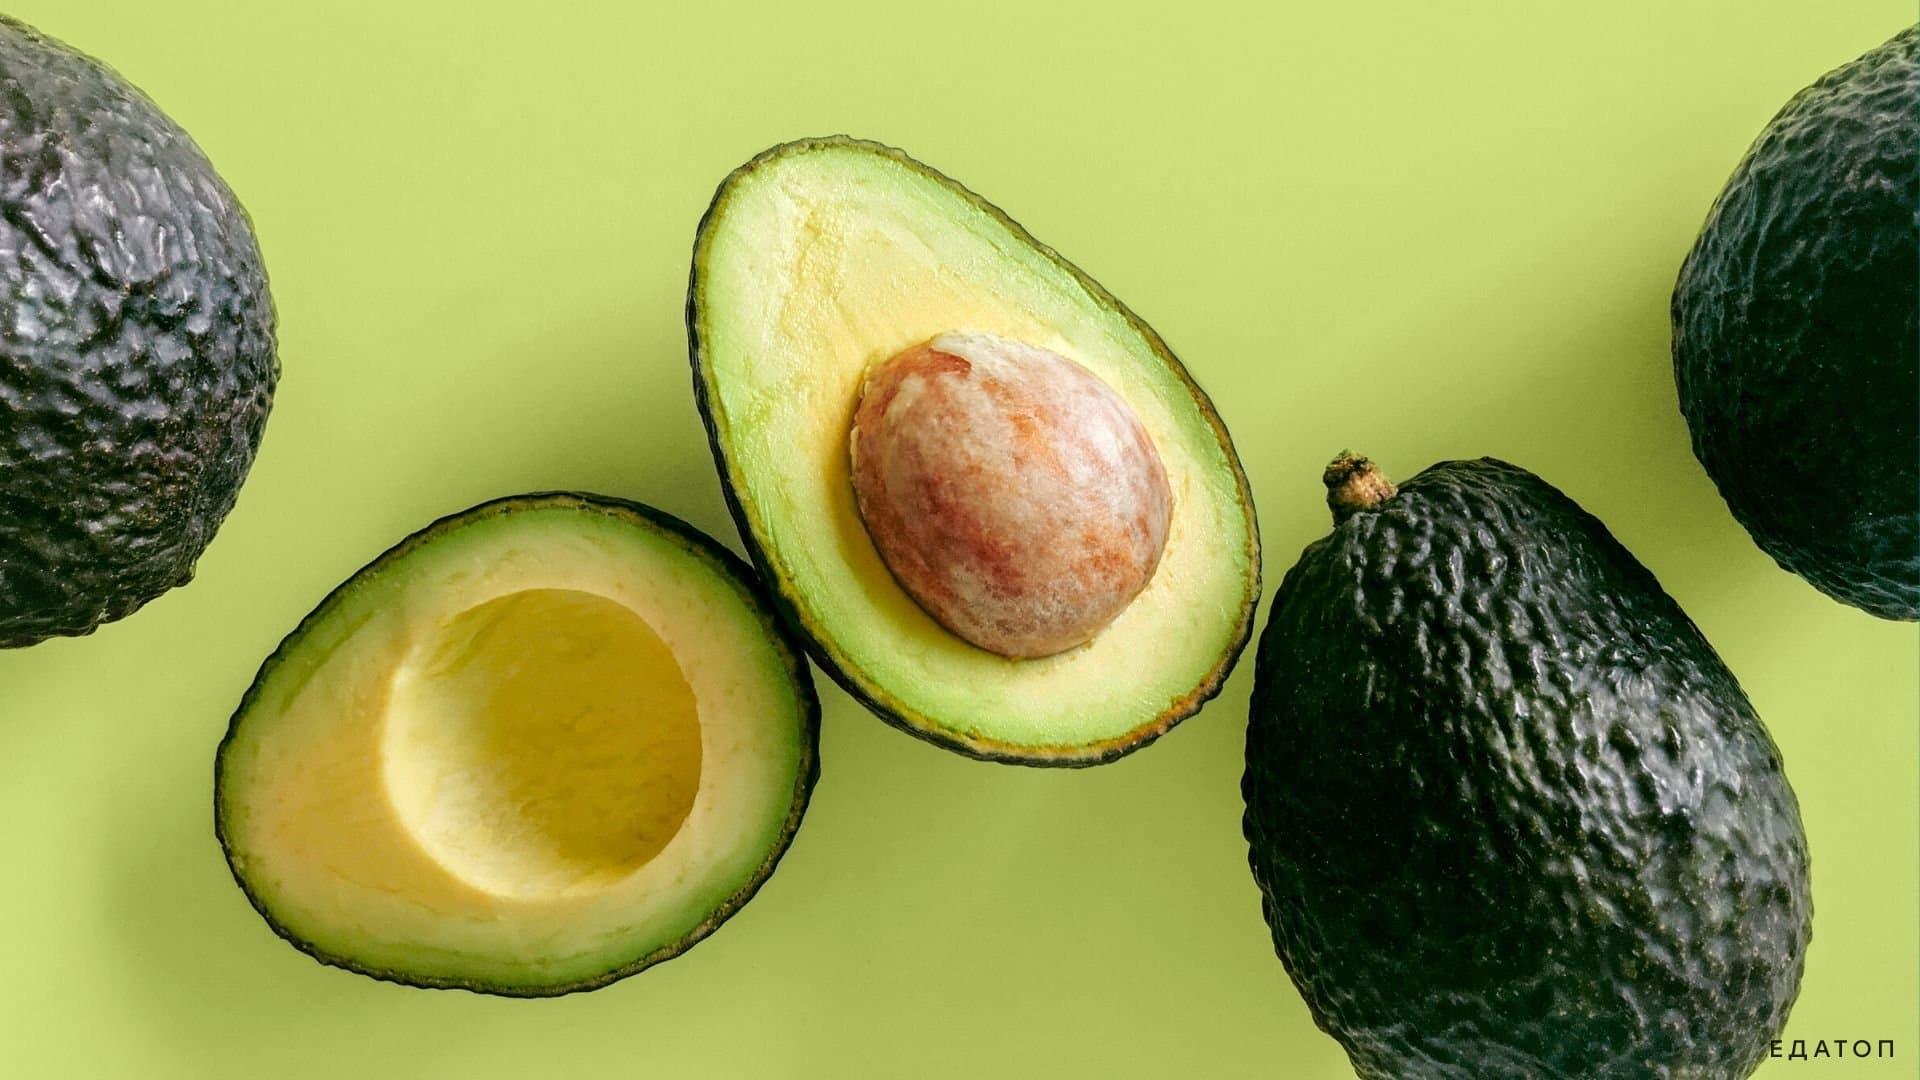 Авокадо - идеальный фрукт для кетодиеты.